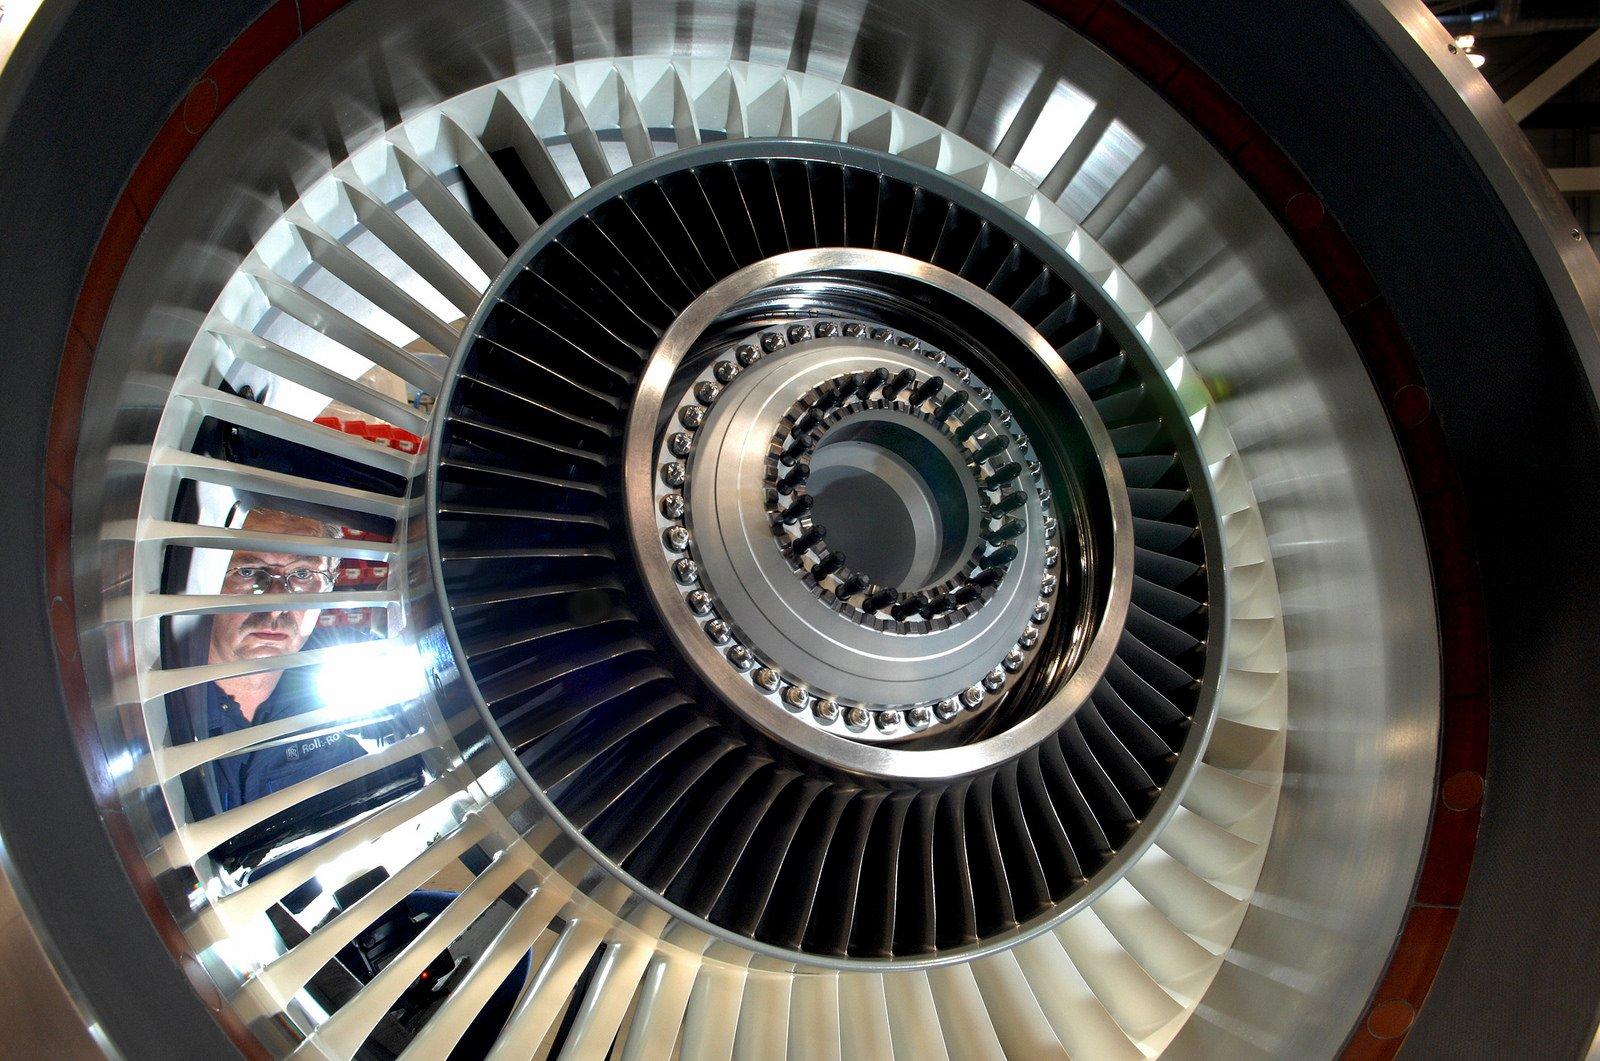 Rolls-Royce-Triebwerk für den Gulfstream G400 Business Jet: Künftig will Rolls-Royce auch wieder Propeller für den Flugzeugantrieb einsetzen, kündigte Entwicklungschef Ric Parker an.